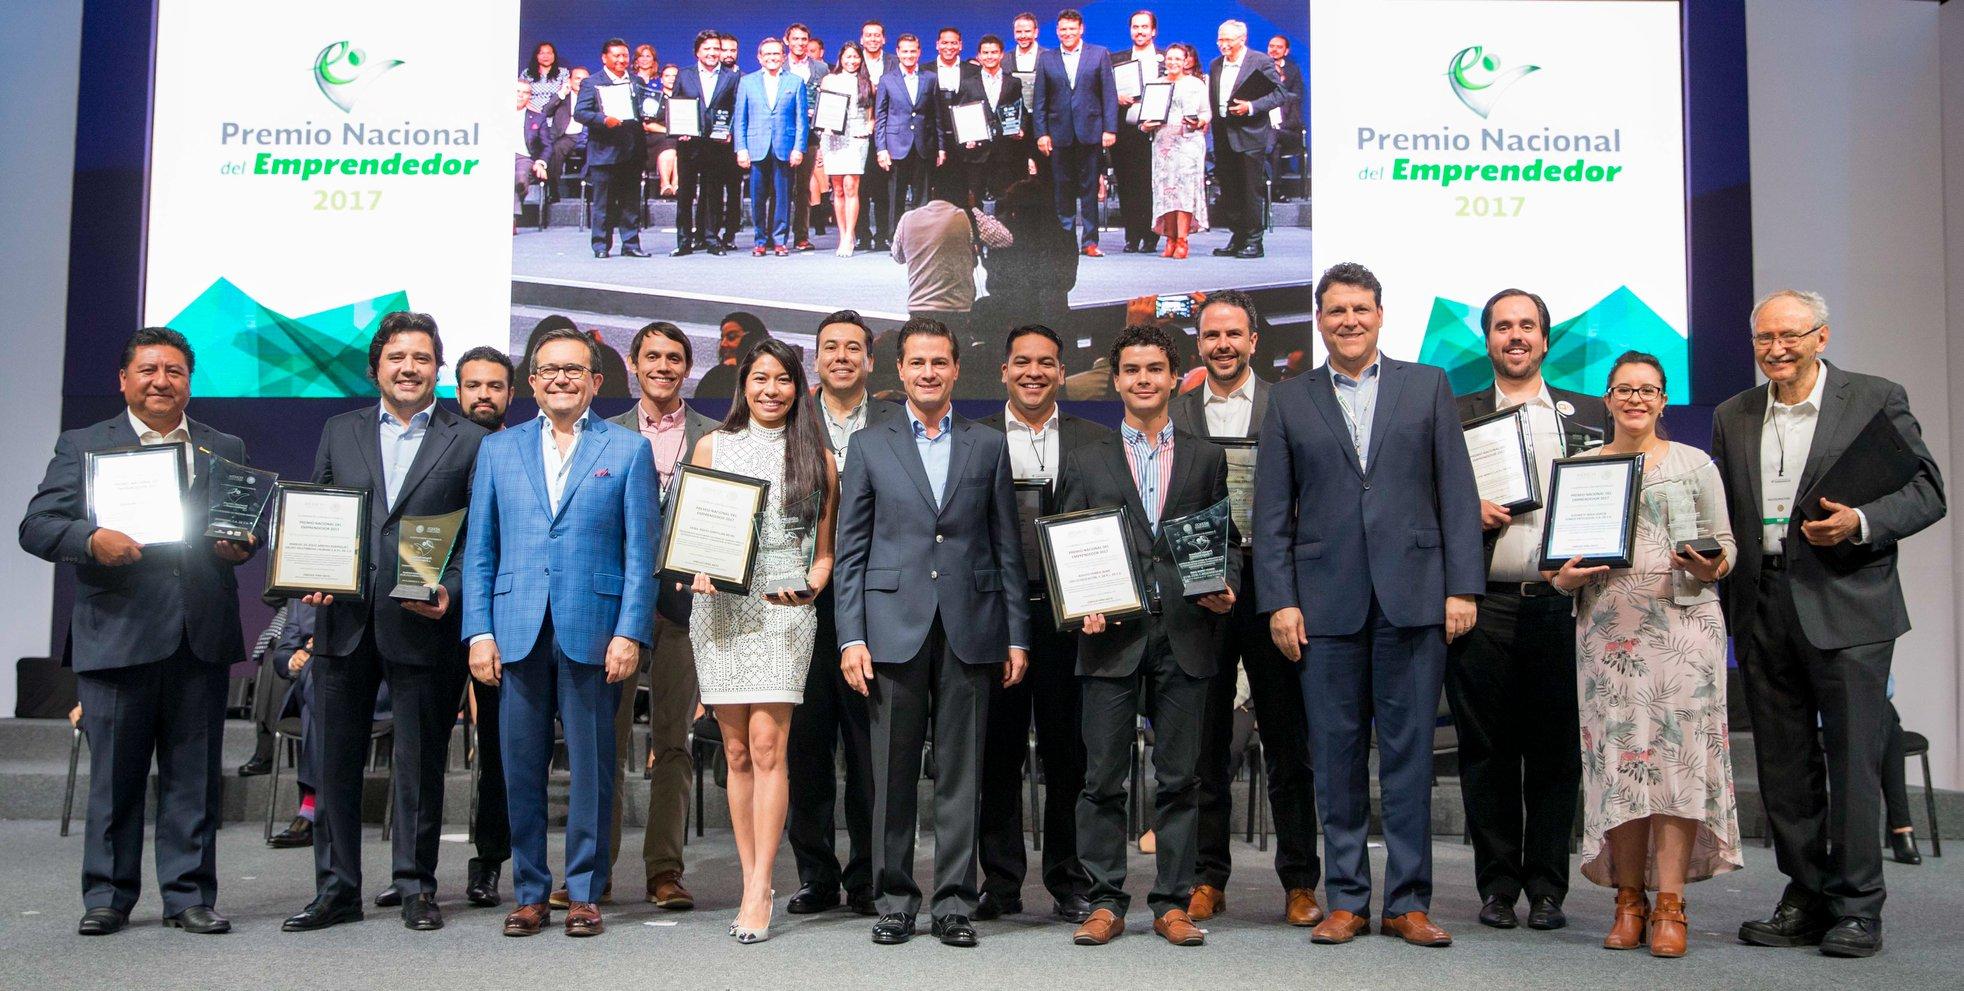 Premio-Nacional-del-Emprendedor